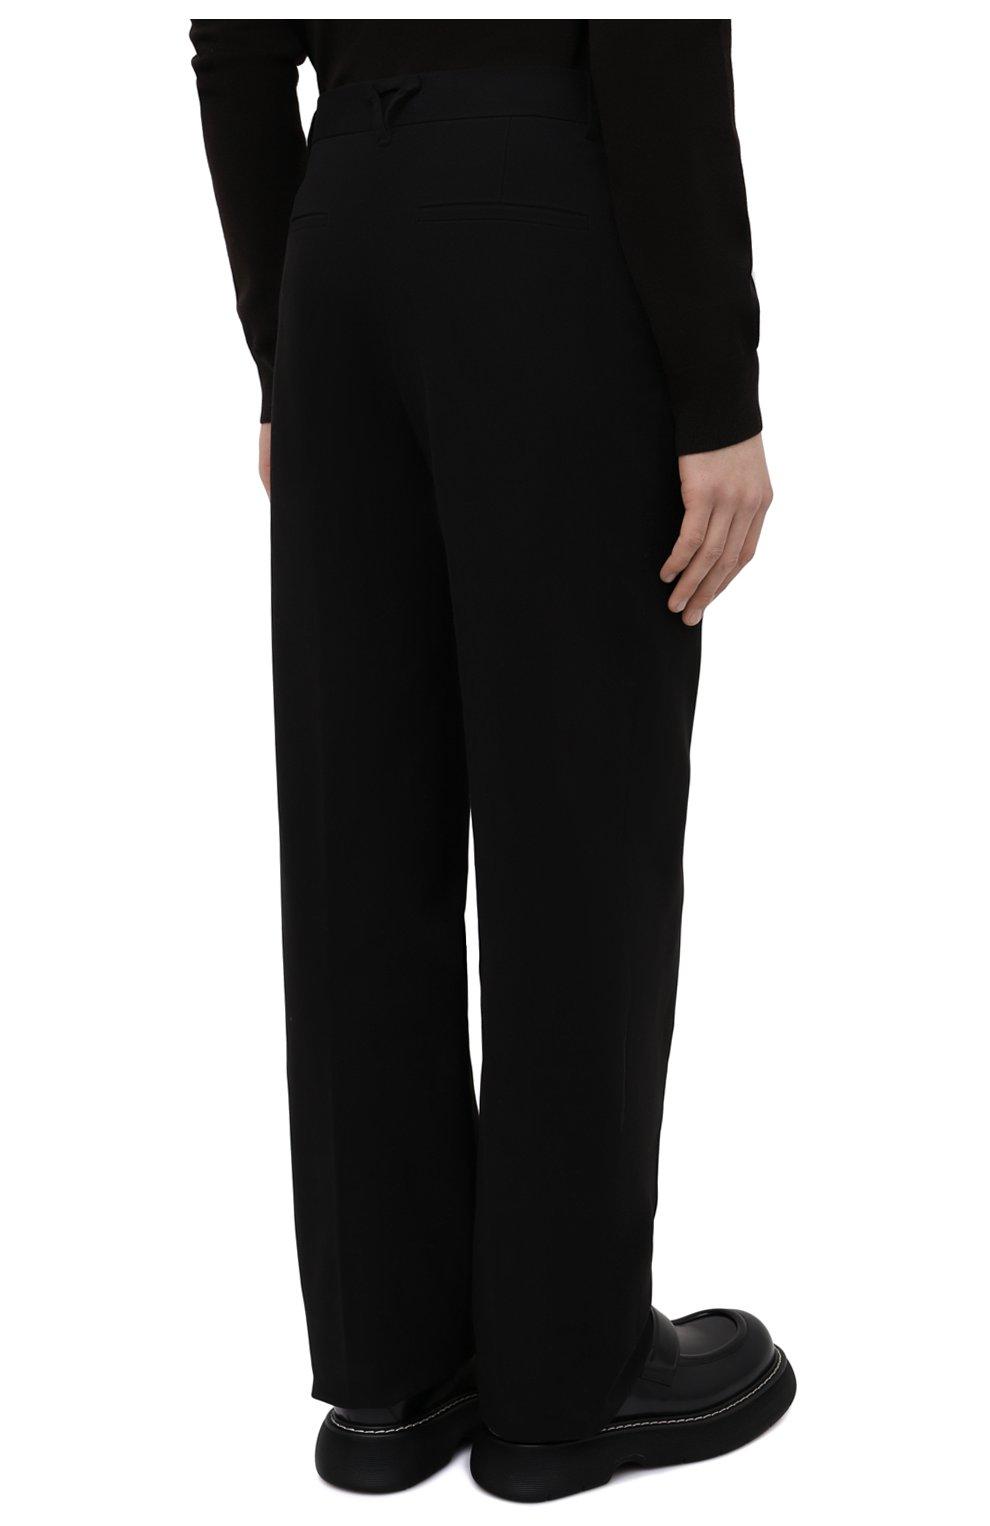 Мужские хлопковые брюки BOTTEGA VENETA черного цвета, арт. 666392/V0KF0 | Фото 4 (Длина (брюки, джинсы): Стандартные; Случай: Повседневный; Материал внешний: Хлопок; Стили: Кэжуэл)